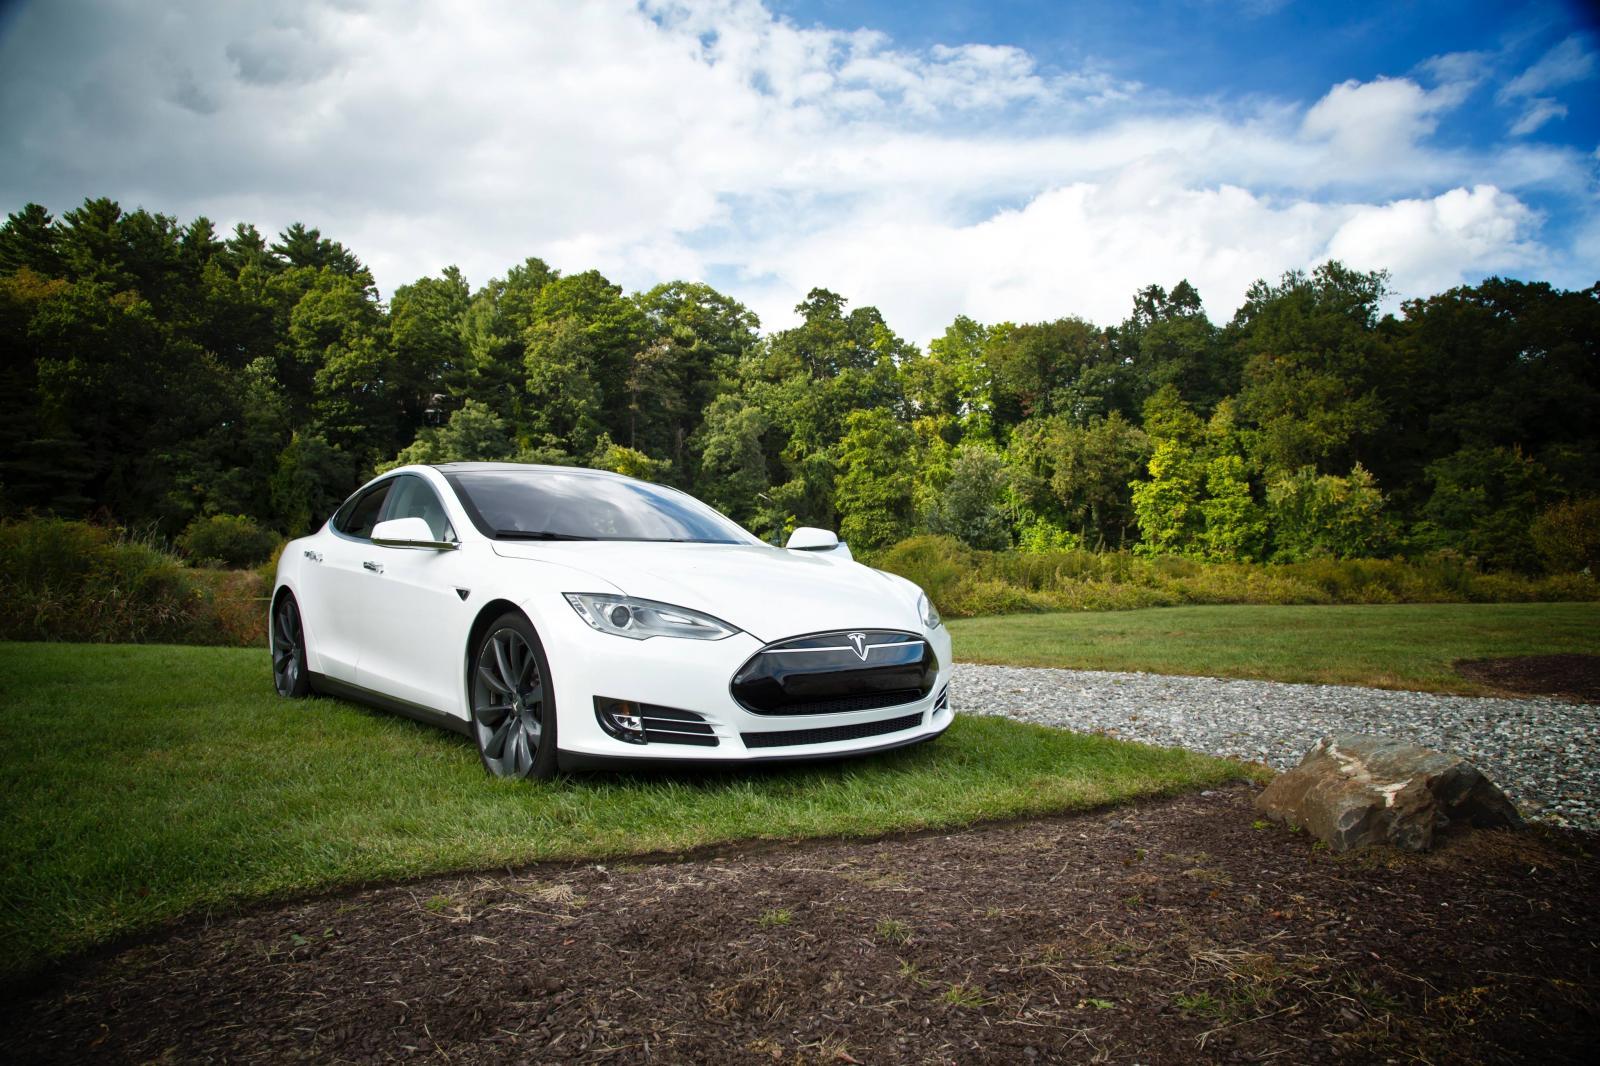 Coche Tesla de color blanco